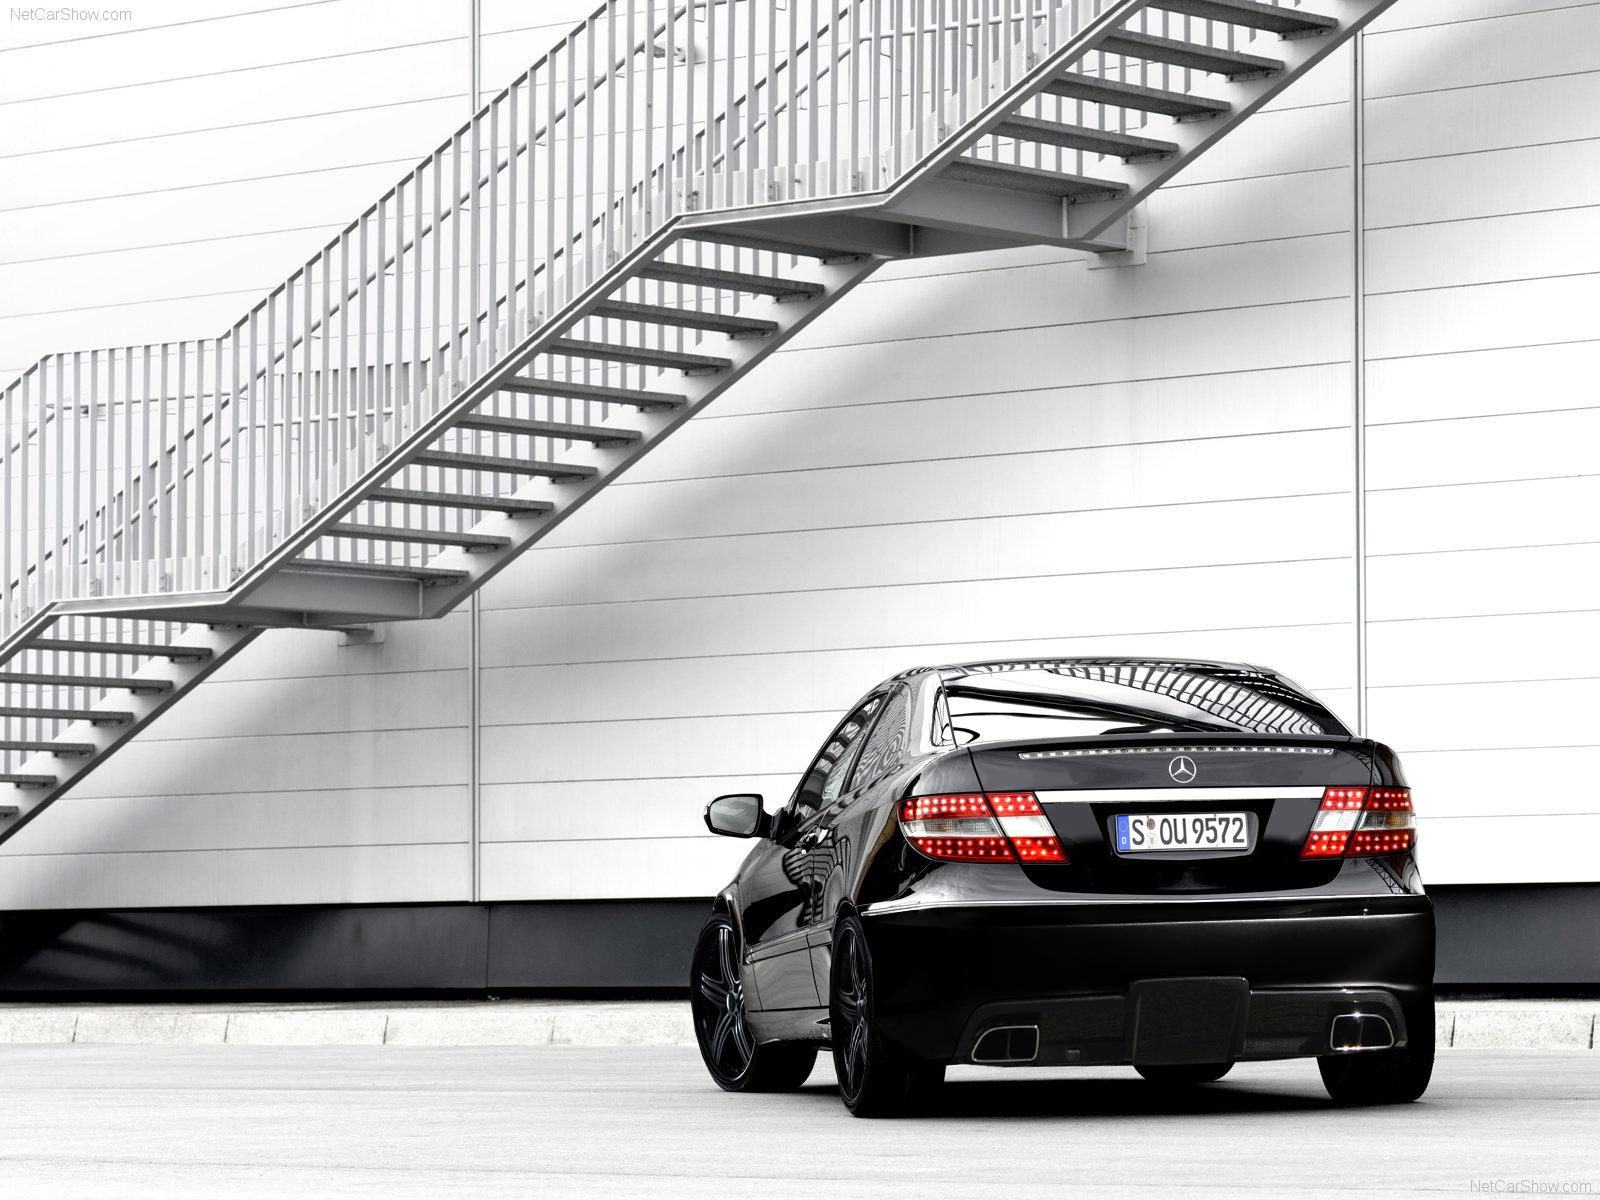 Mercedes Benz CLC 350 pagenstecher Deine Automeile im Netz